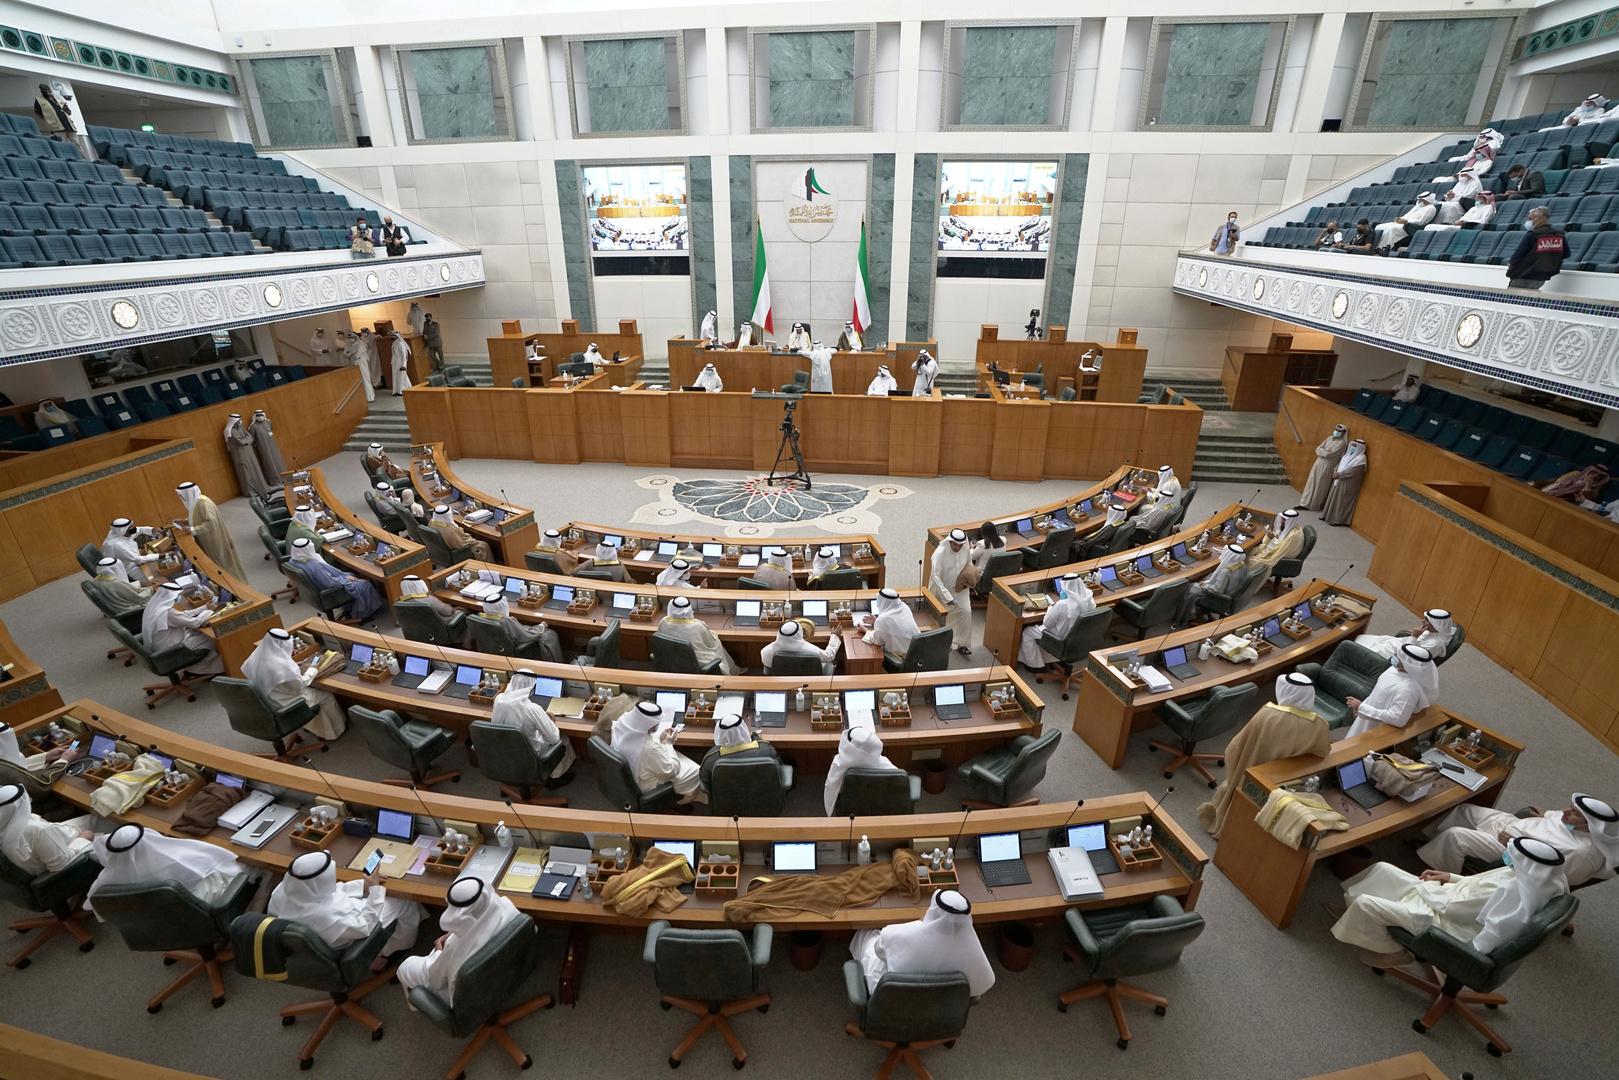 مجلس الوزراء الكويتي يوافق على إجراء انتخابات تشريعية في 5 ديسمبر